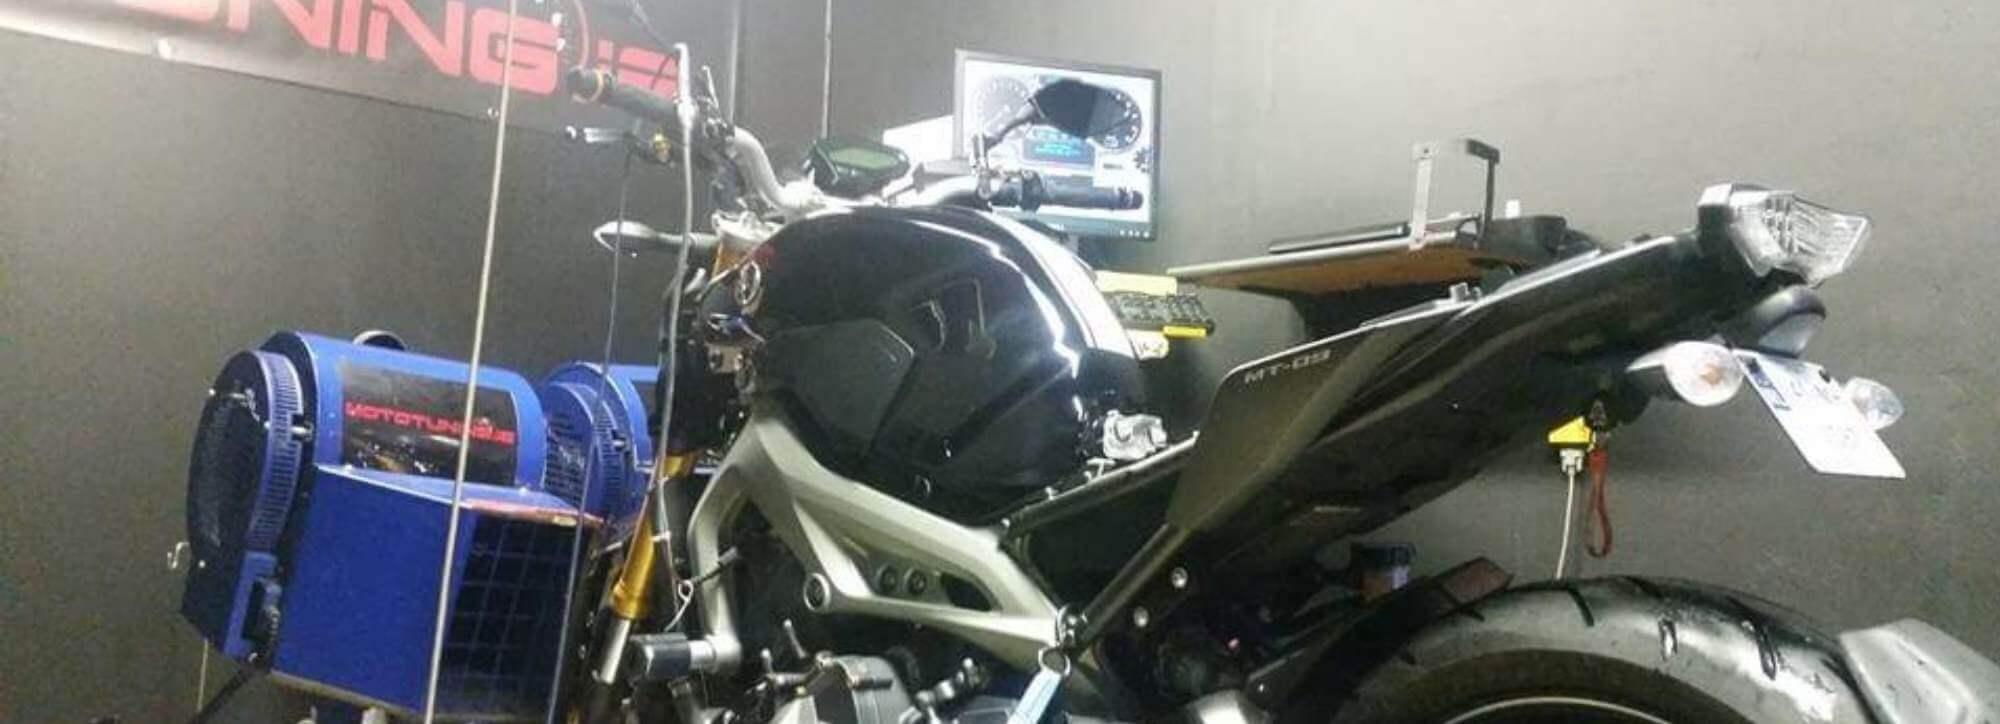 motorcycle-repairs